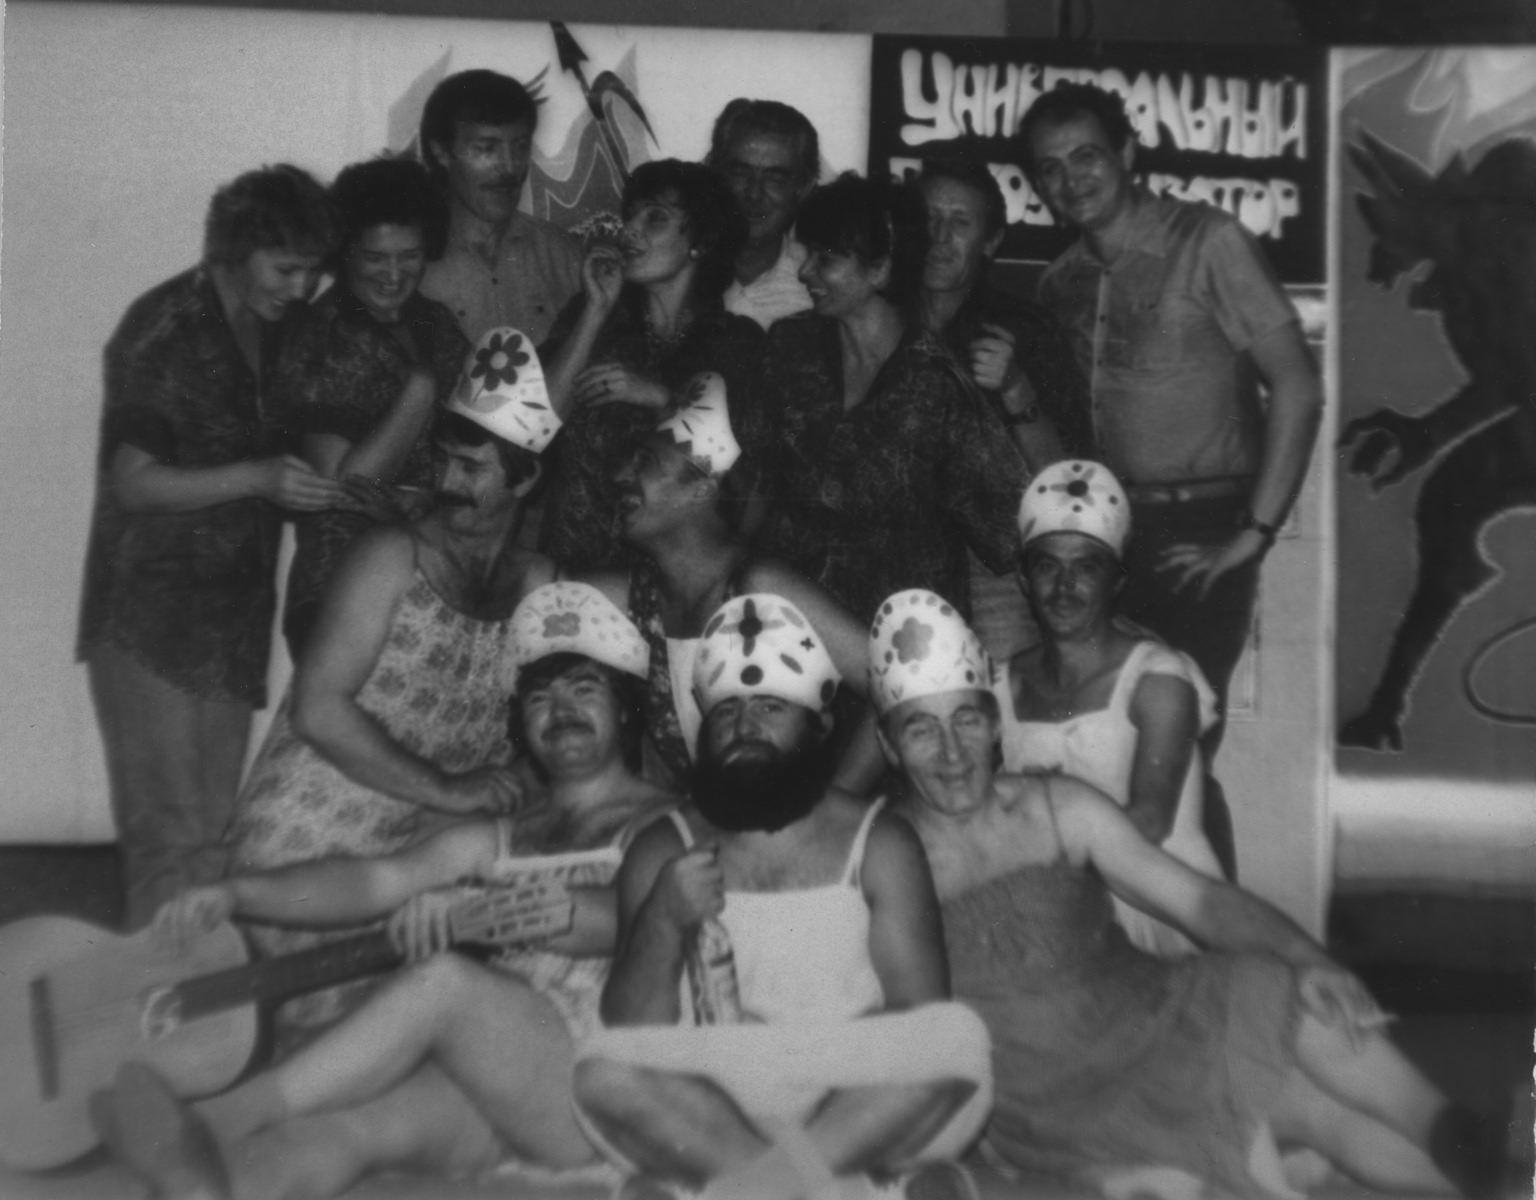 Праздник в клубе на горке за Роло-3. Надпись на плакате «Универсальный Грехоутилизатор». Андреев Николай во втором ряду в центре. 1987